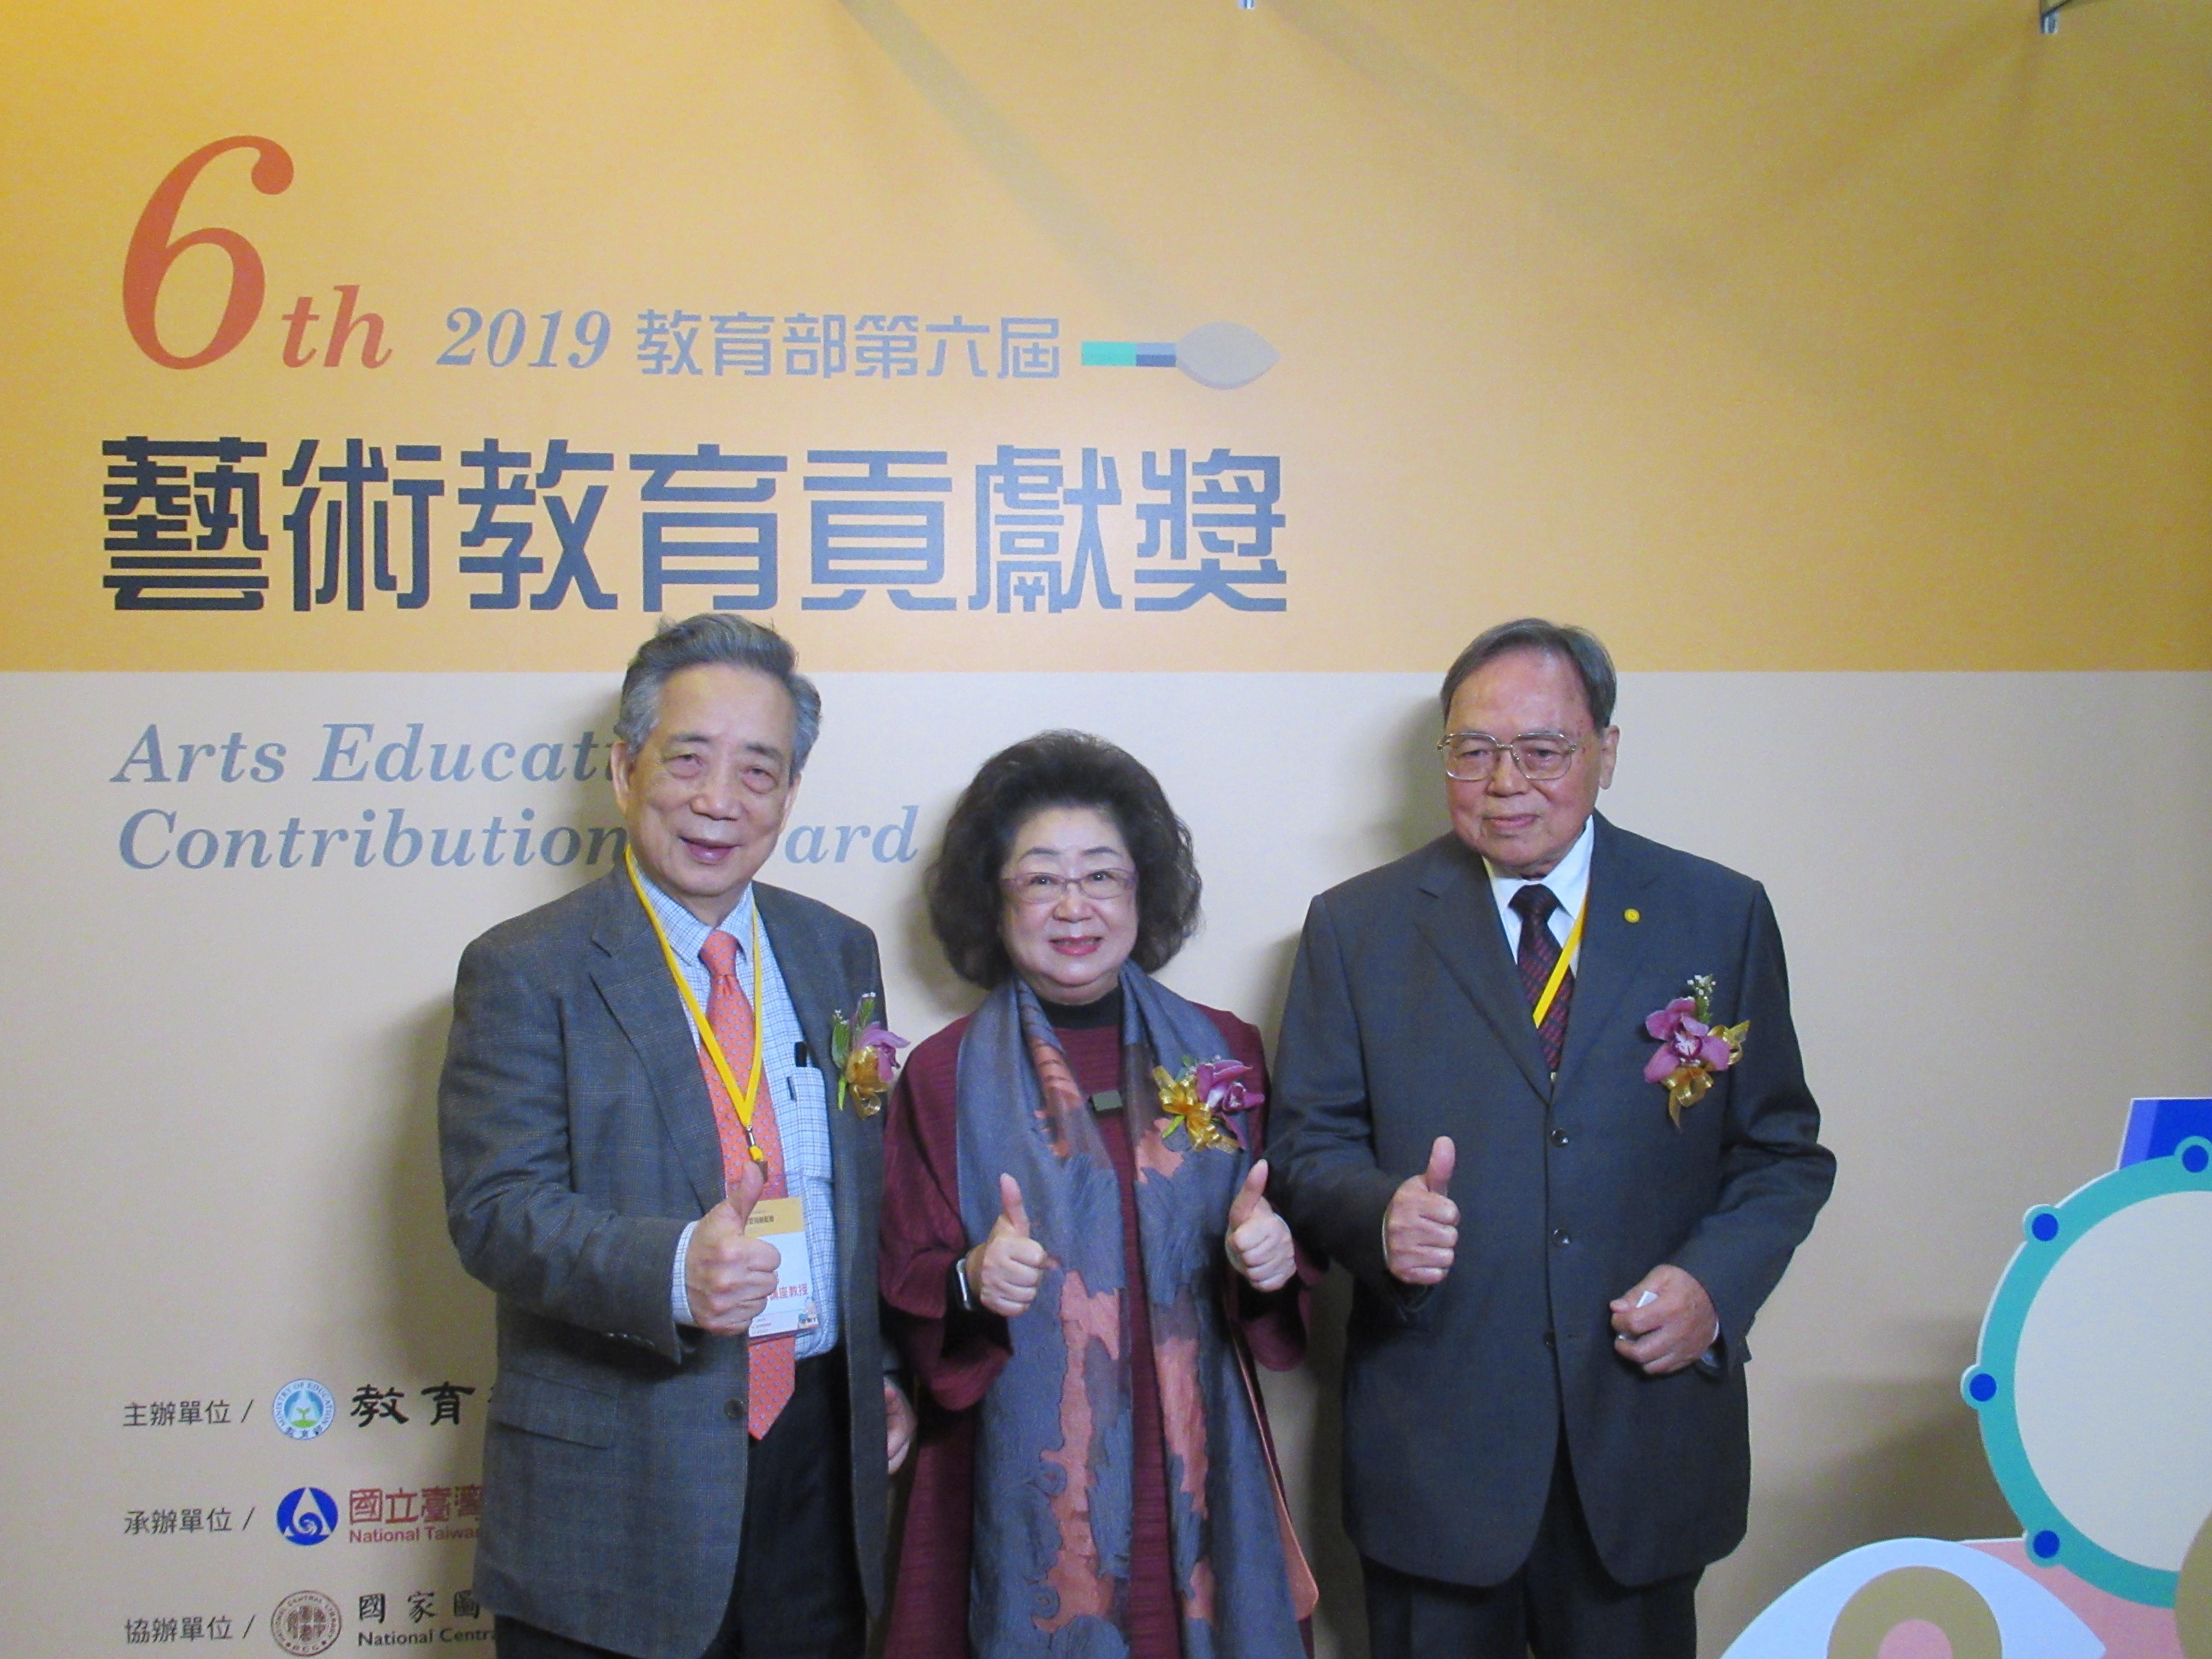 第六屆藝術教育貢獻獎頒獎典禮照片